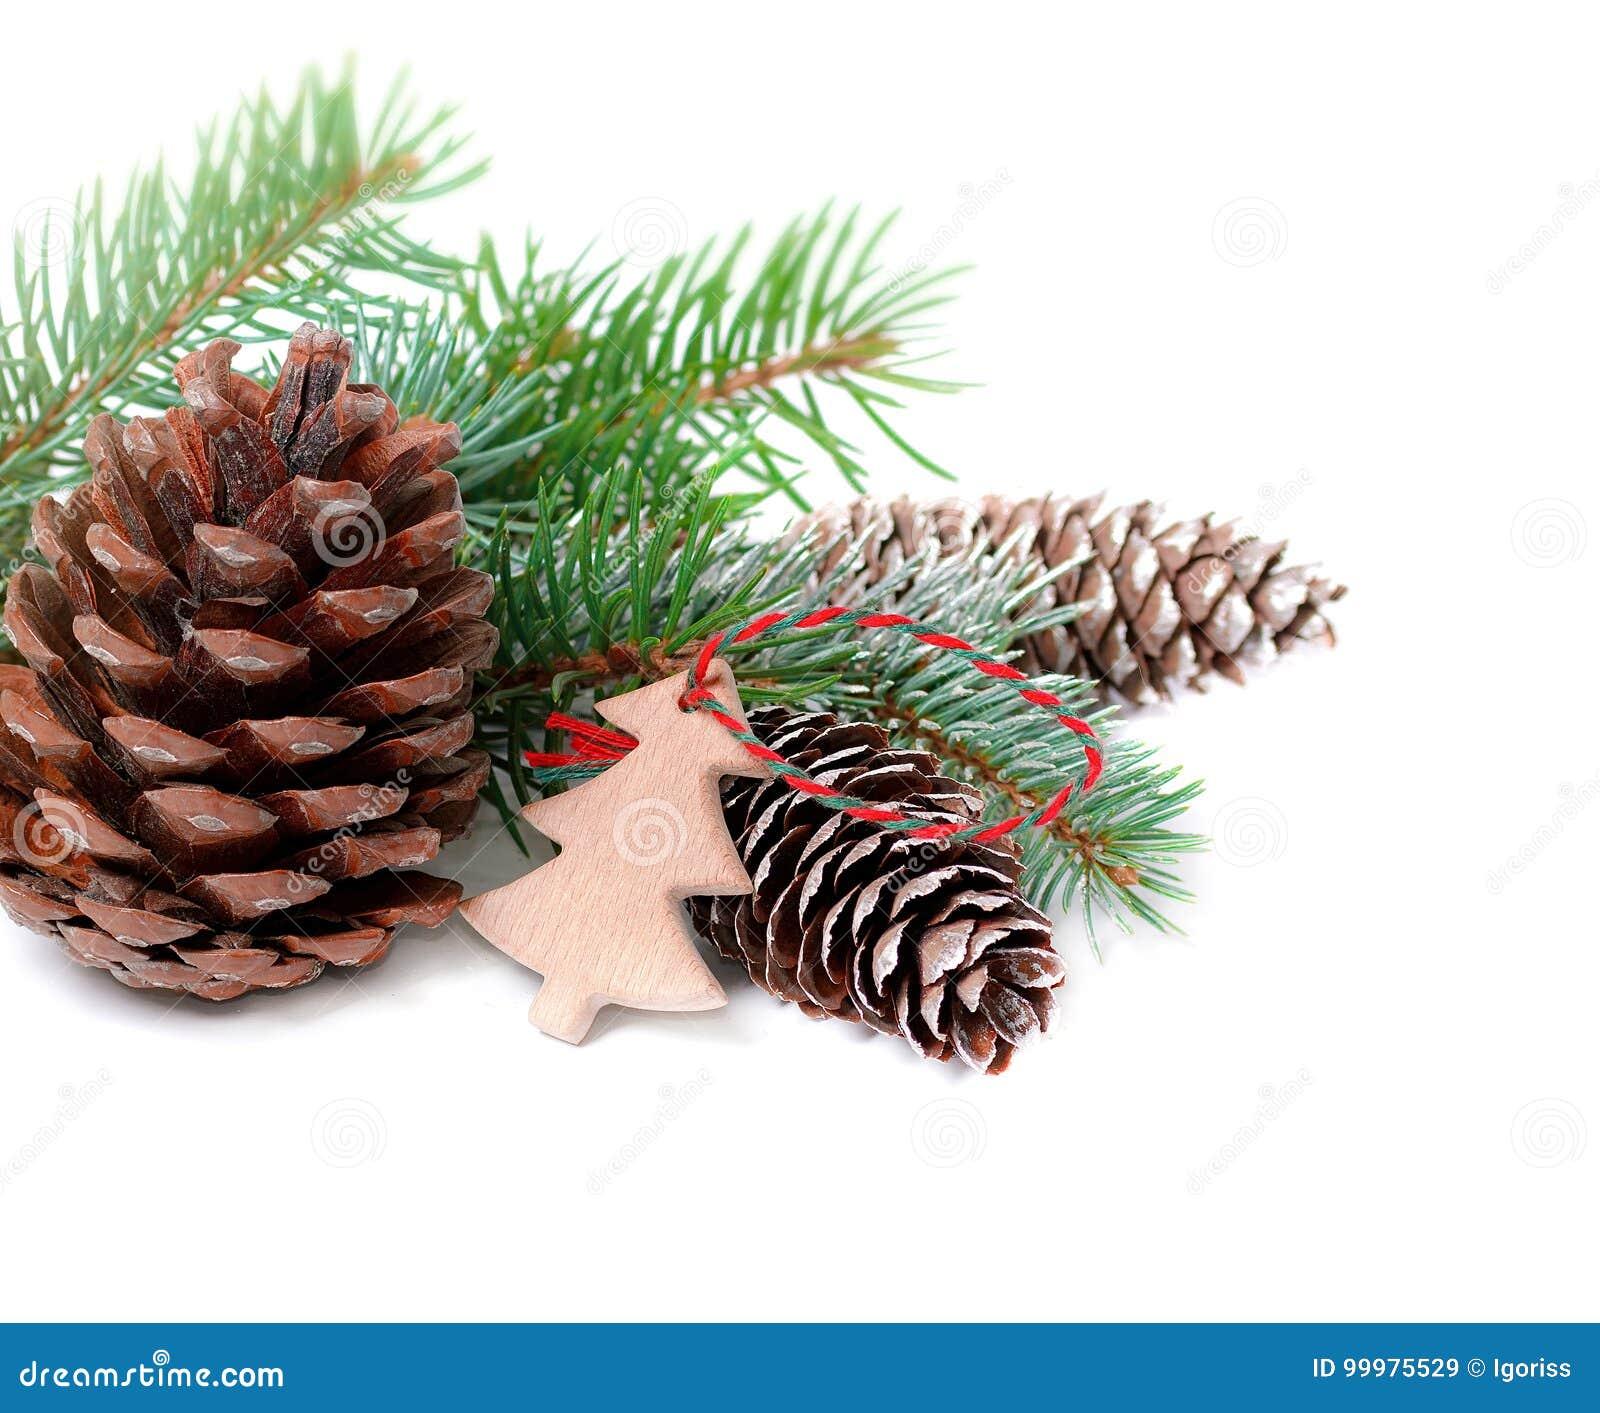 Bild Tannenbaum.Weihnachtsdekoration Mit Tannenbaum Und Kegel Lokalisiert Auf Einem